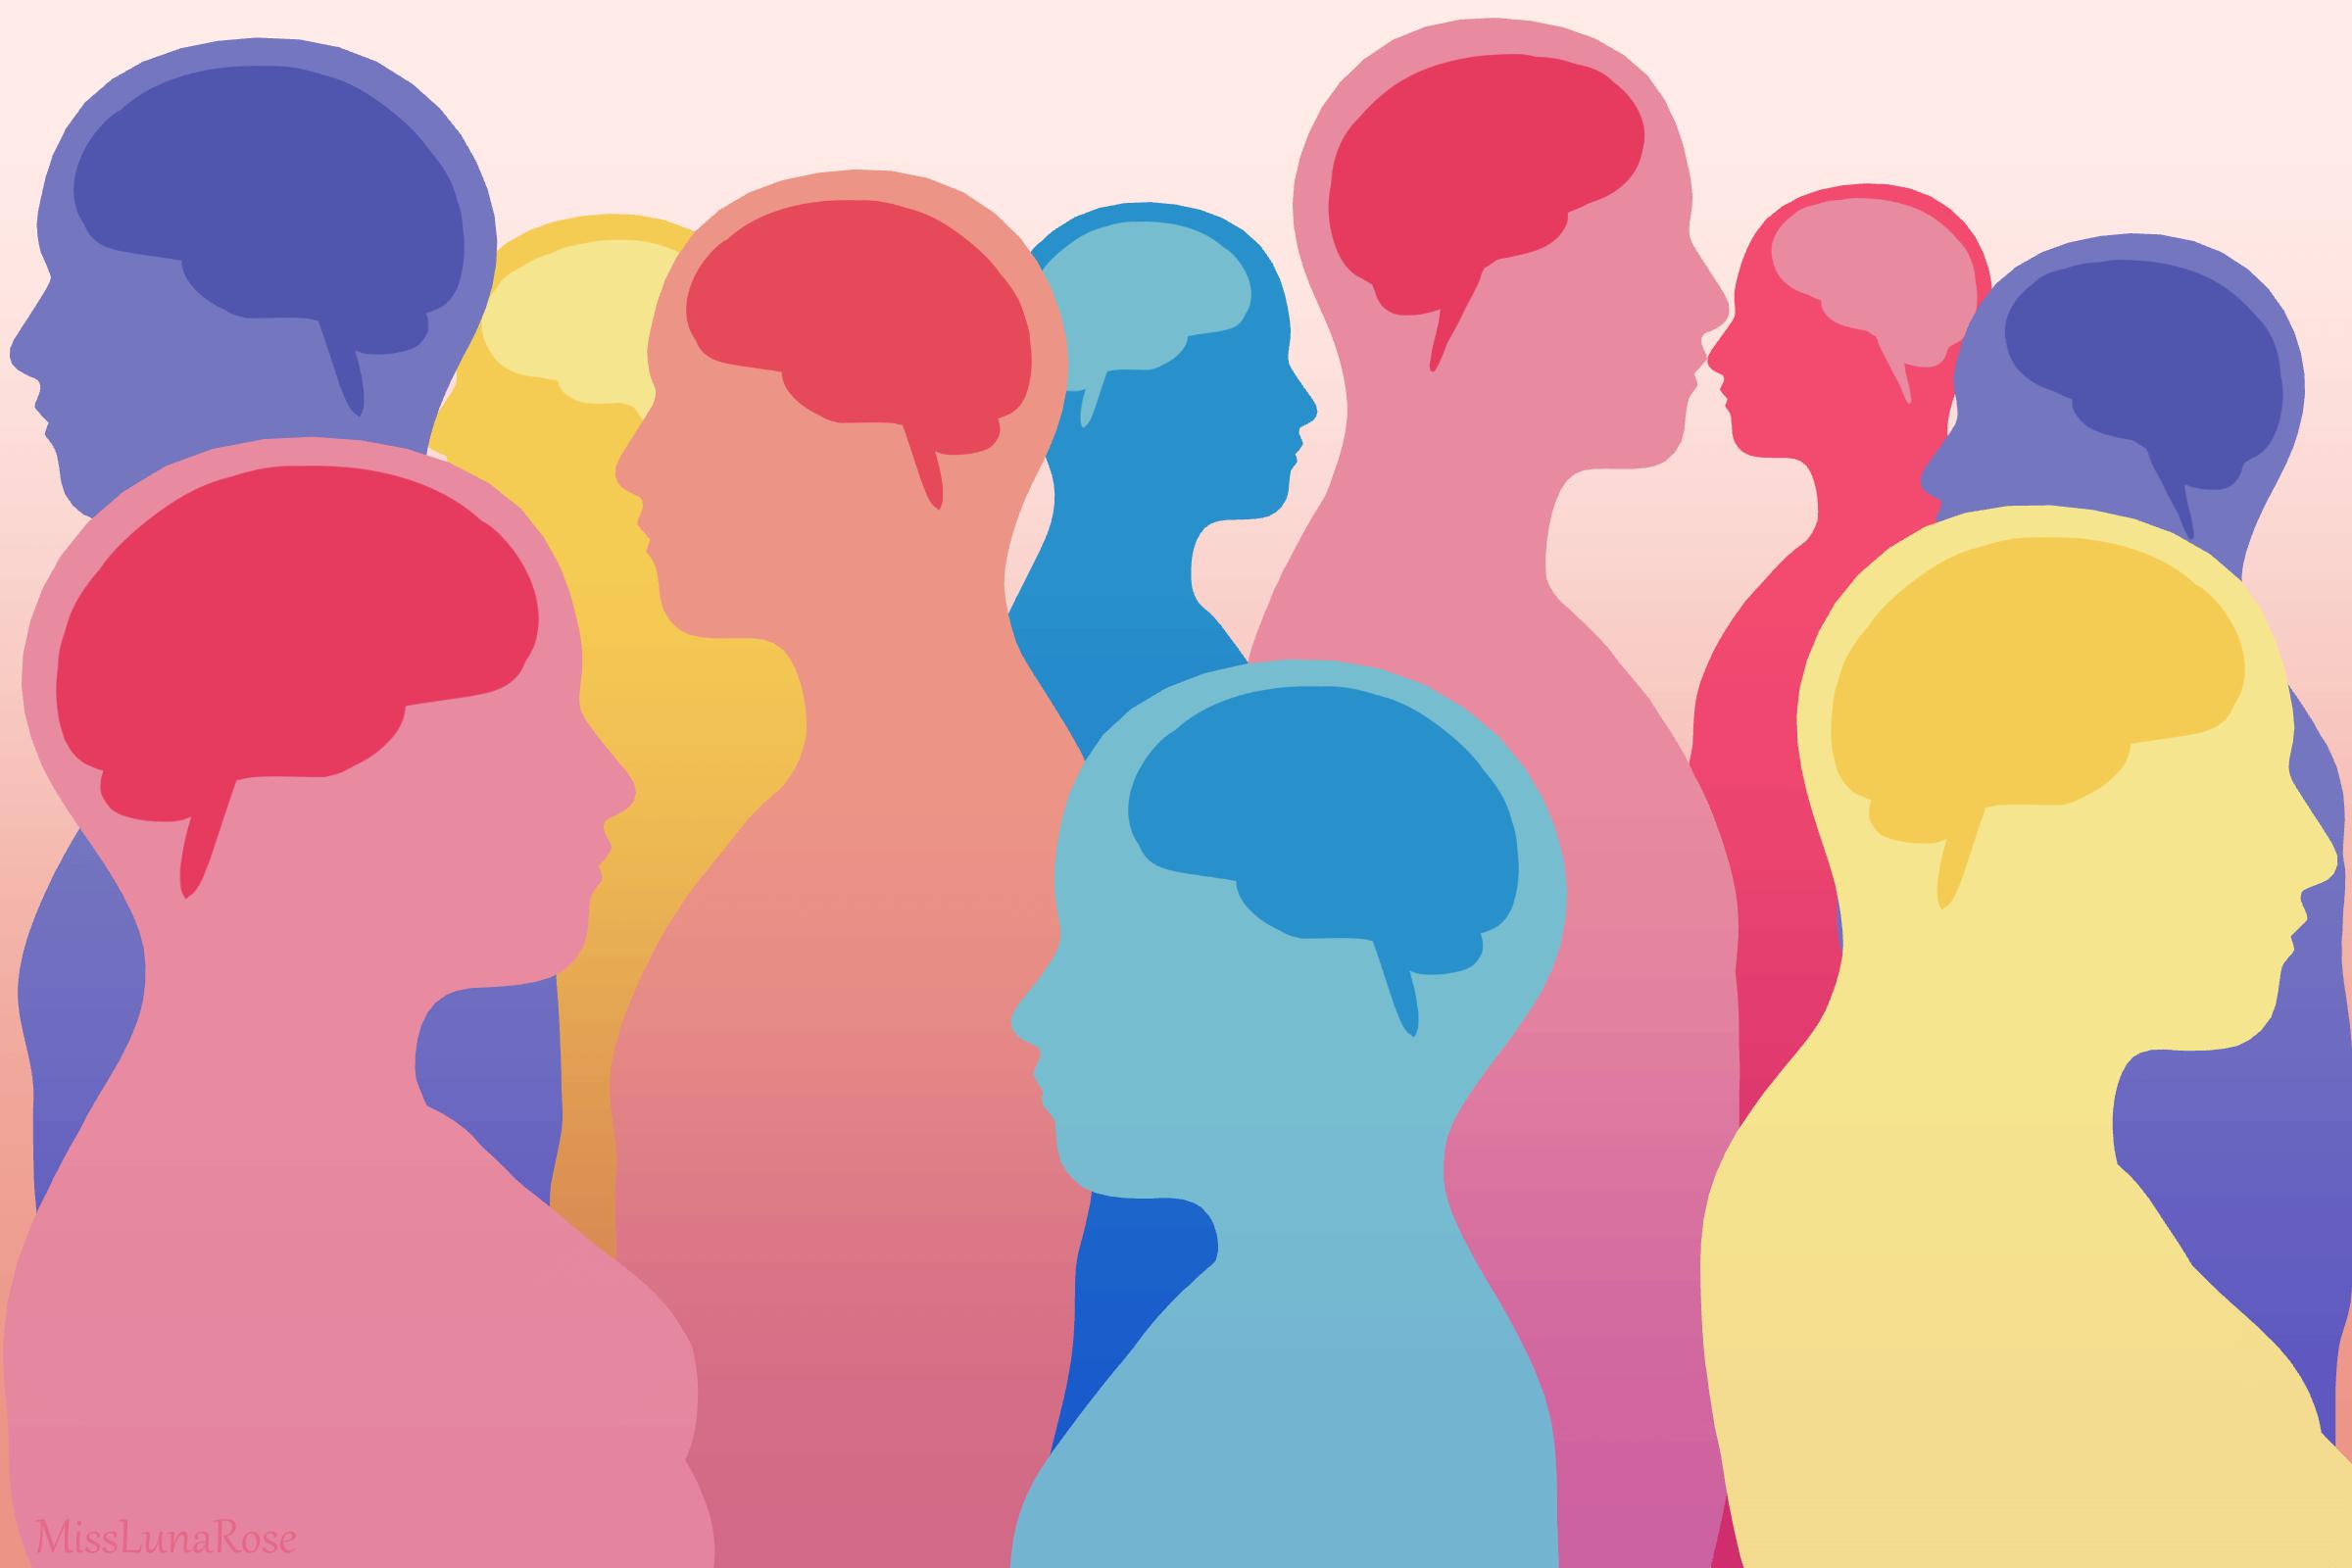 Según la ciencia, los colores se asocian a patrones emocionales